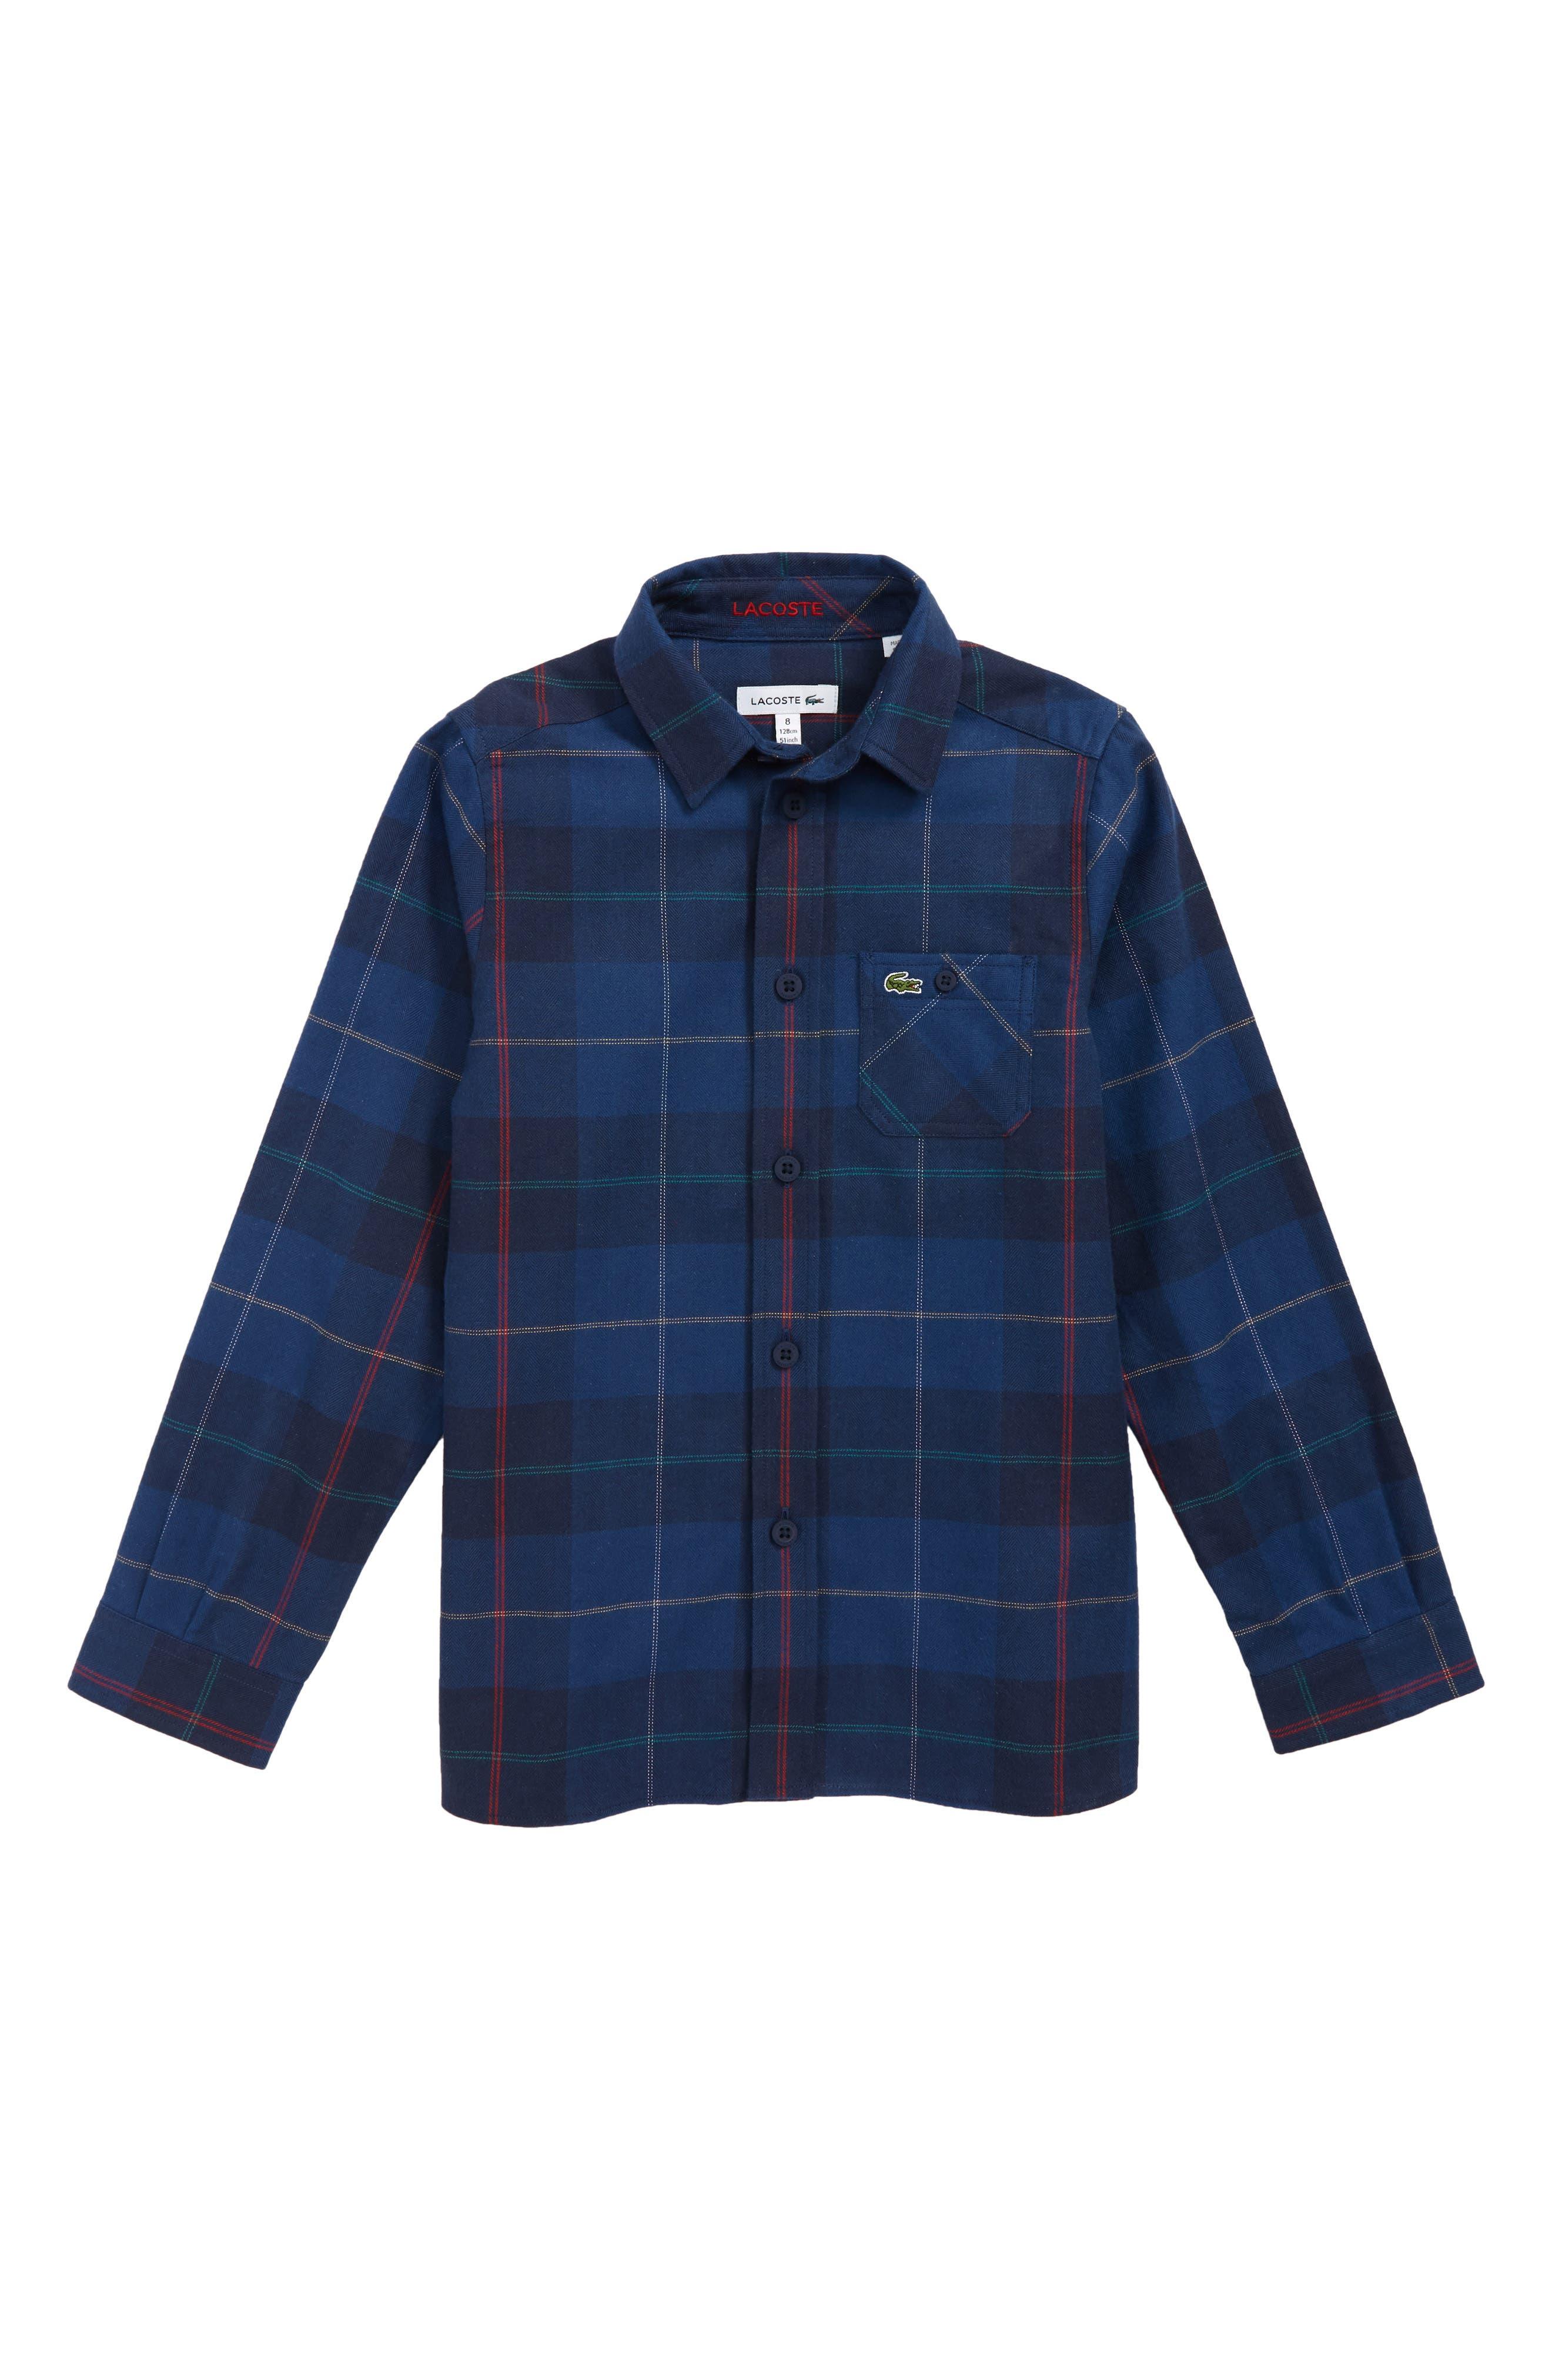 LACOSTE Plaid Flannel Woven Shirt, Main, color, C50 PRINT